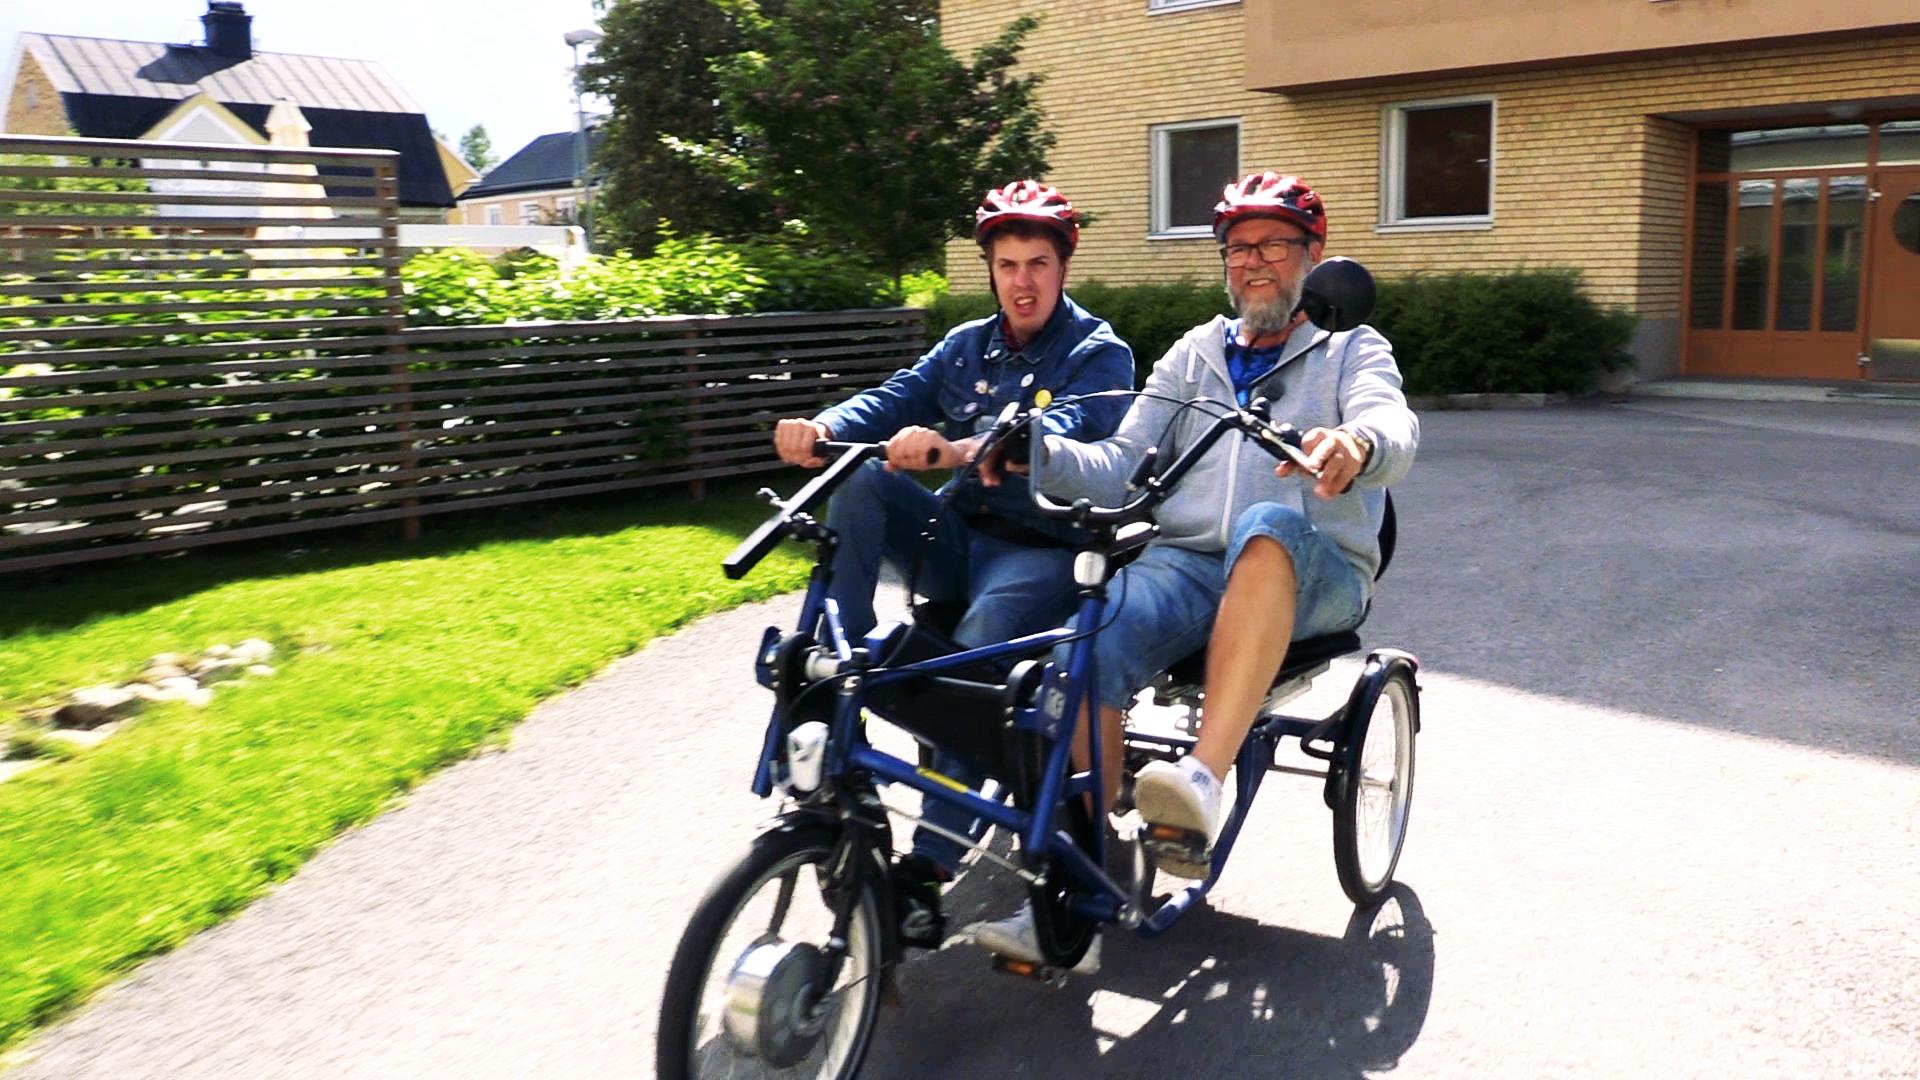 Två manliga personer cyklar tillsammans i en parcykel